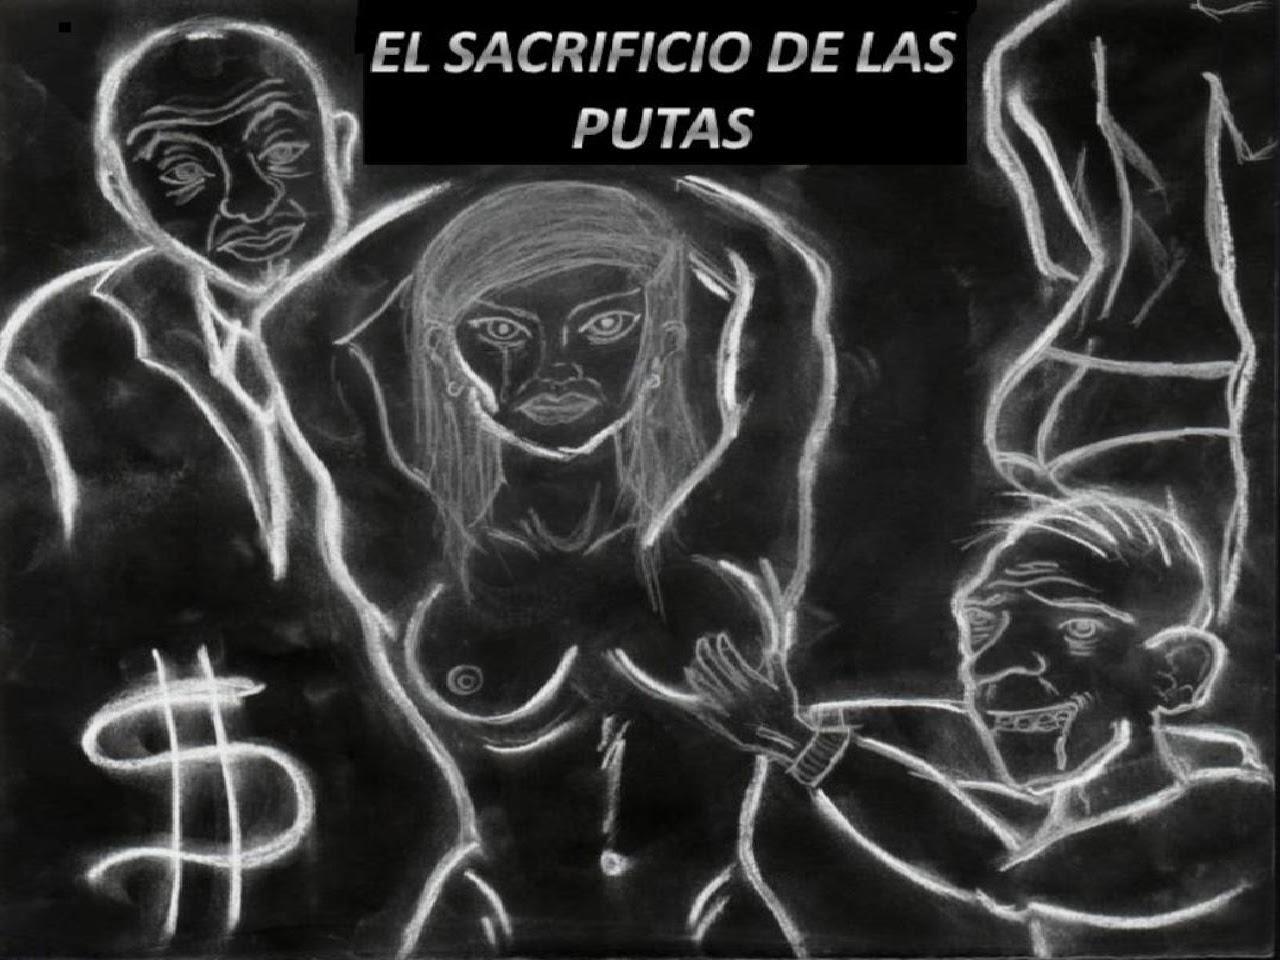 prostitutas dibujo prostitutas putas